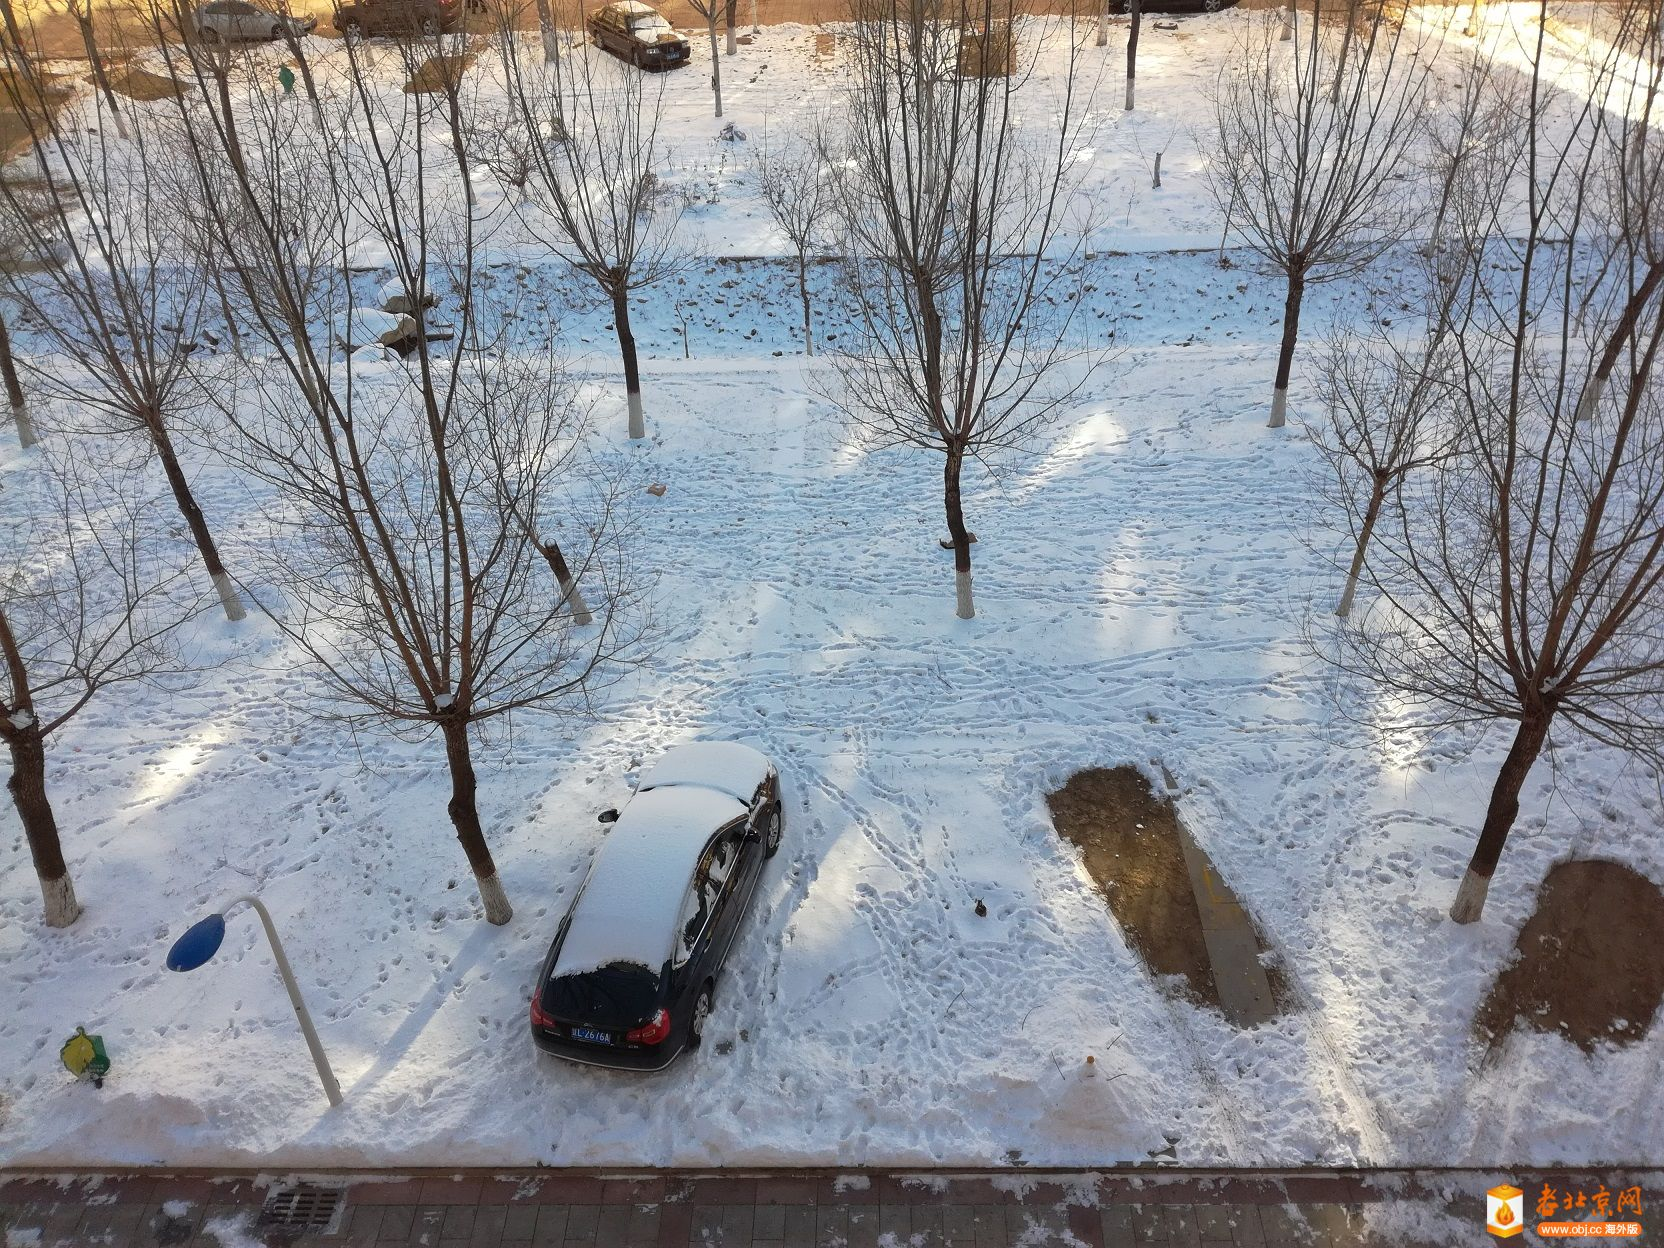 终于下了一场正经的雪